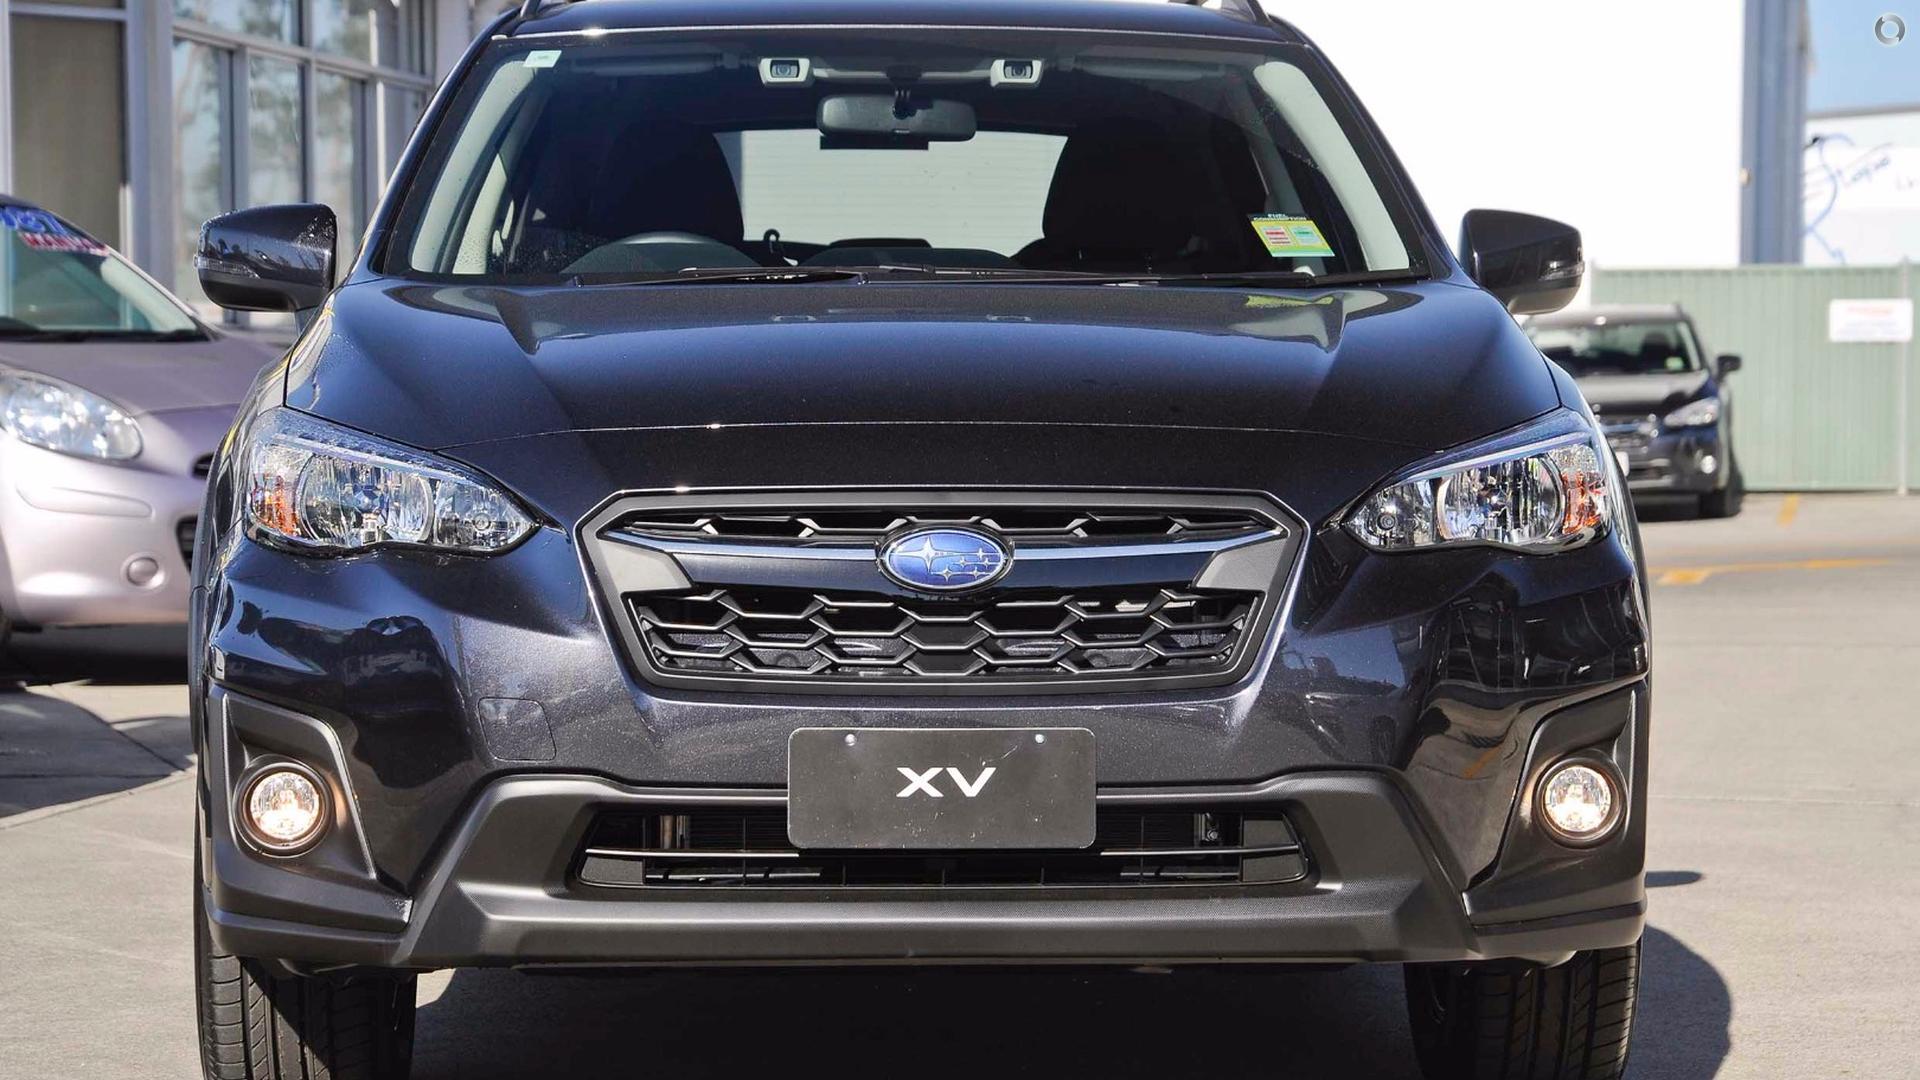 2017 Subaru Xv G5X